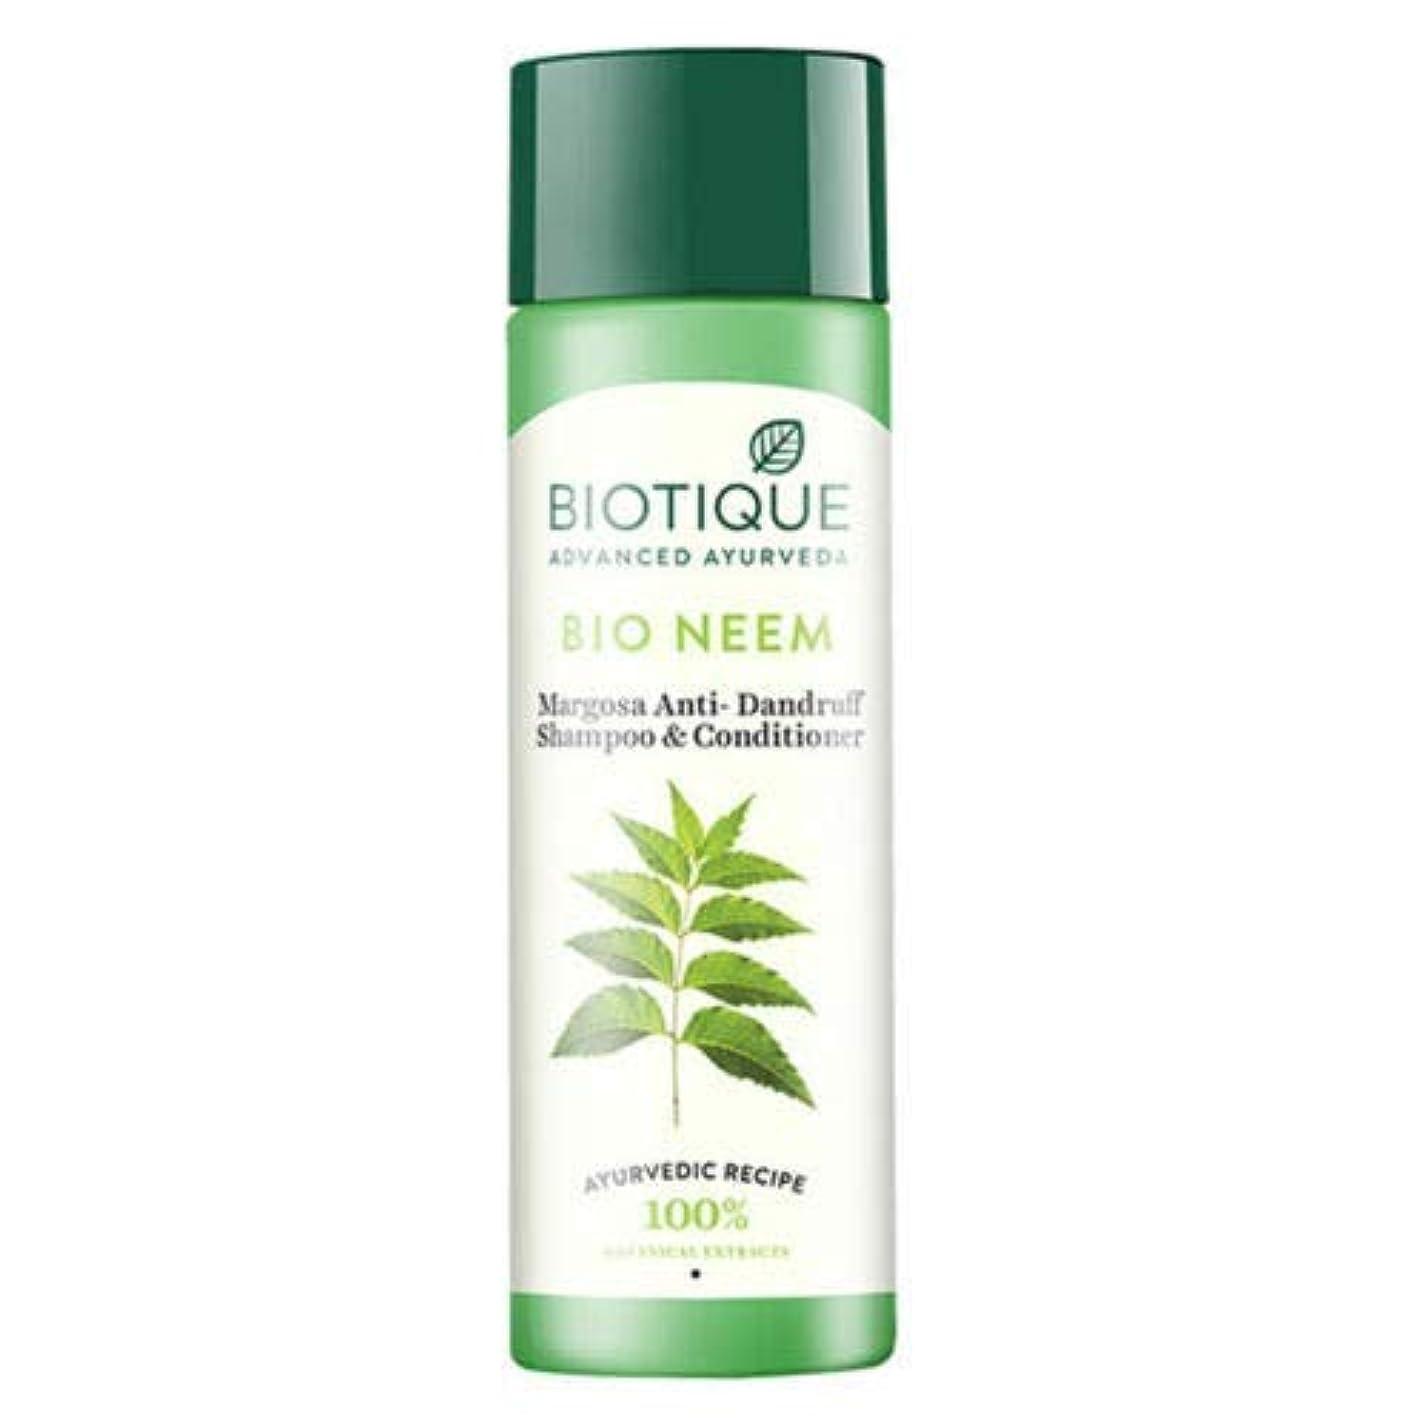 ゴシップ理論下手Biotique Bio Neem Margosa Anti Dandruff Shampoo & Conditioner 120 ml Strong Hair Biotique Bio Neem Margosaアンチフケシャンプー...